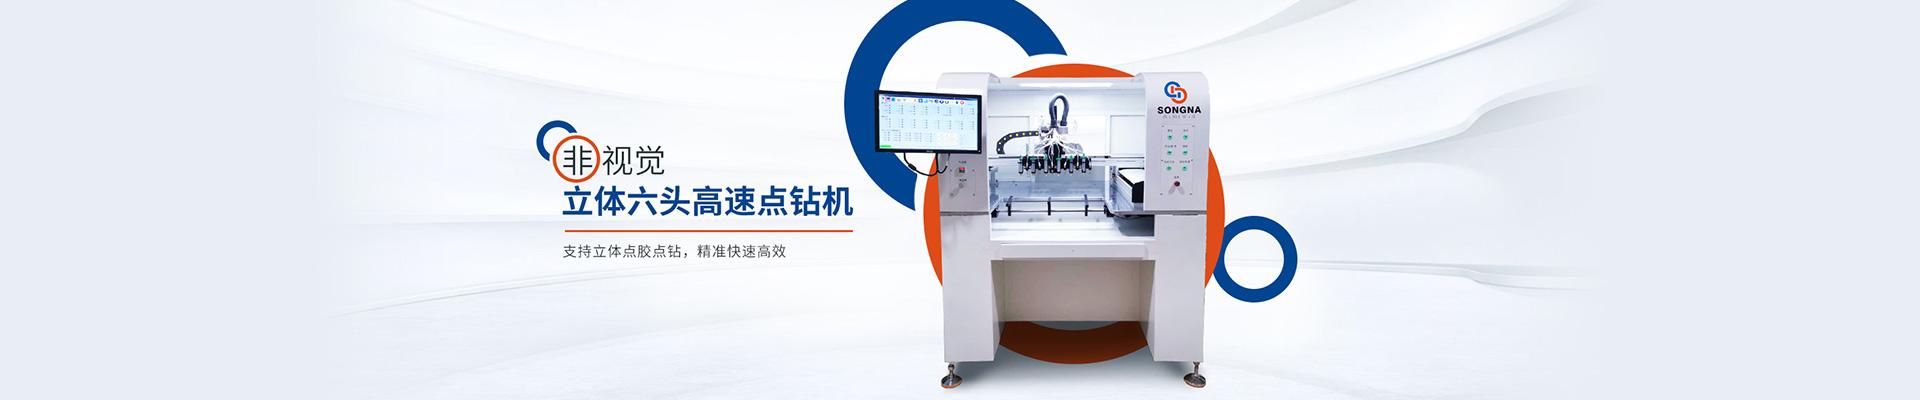 广州尚纳智能科技ballbet贝博app下载ios公司介绍